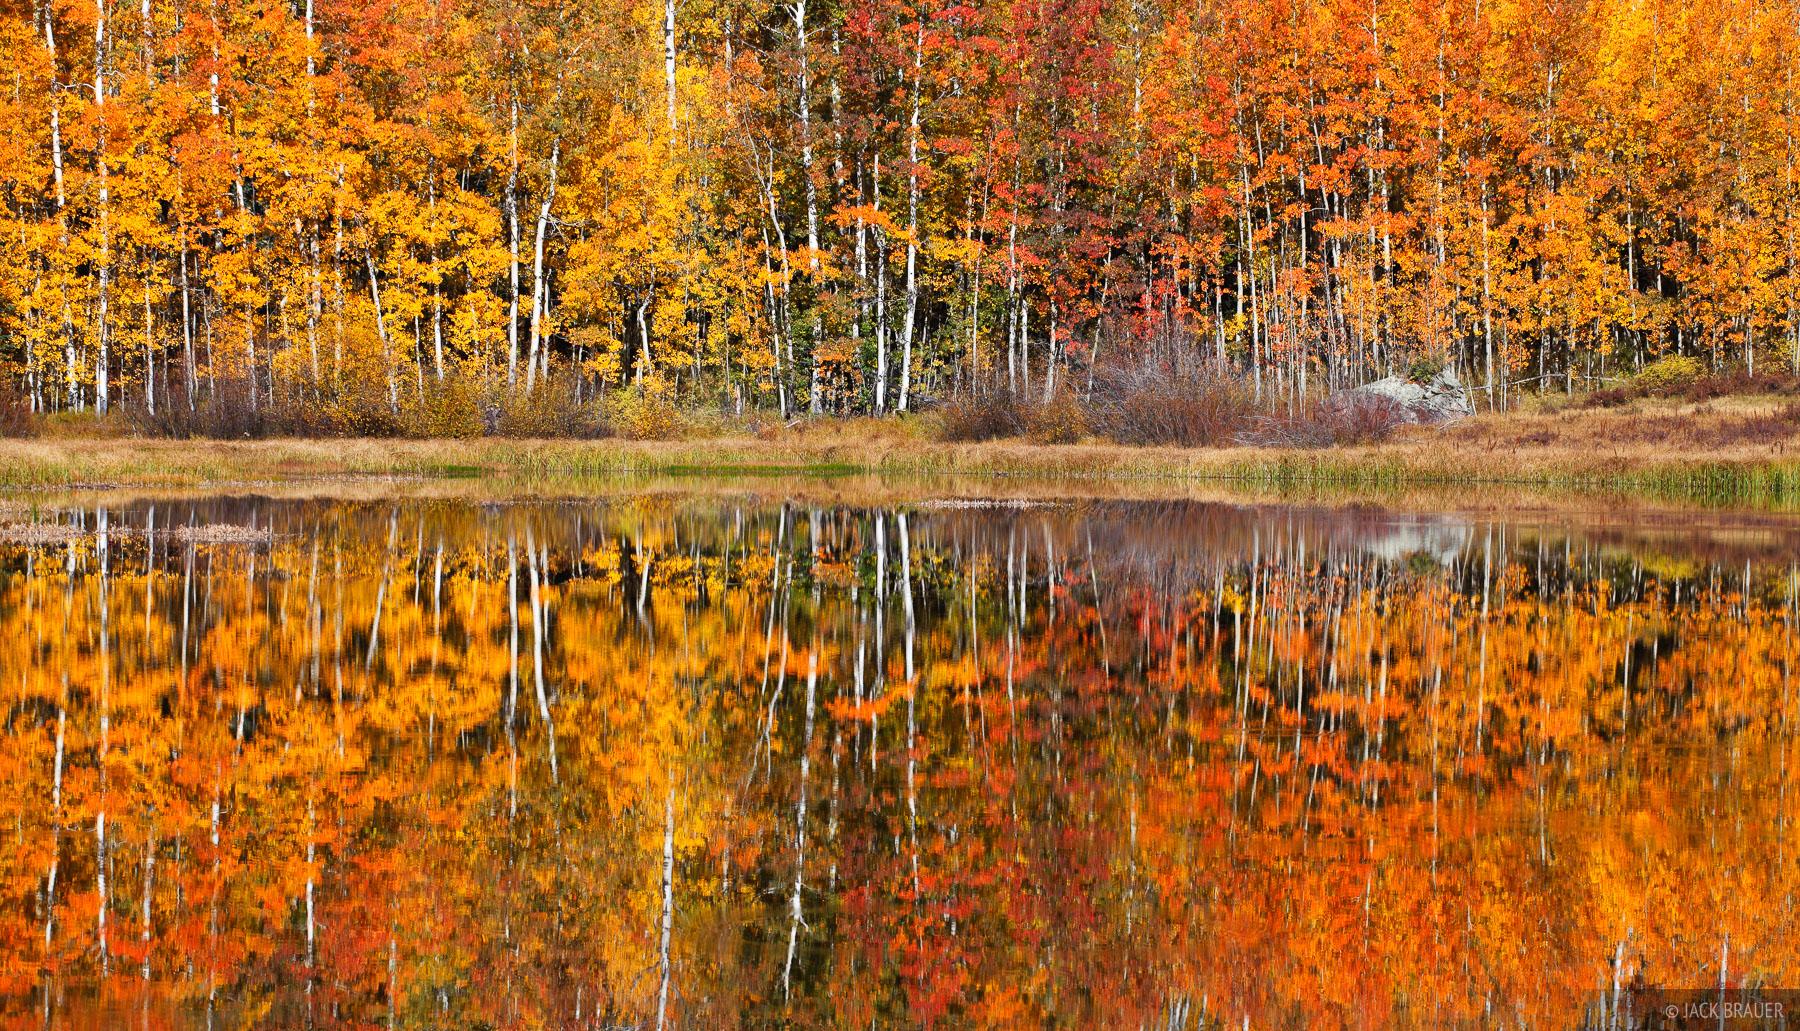 aspen, San Juan Mountains, Colorado, autumn, October, photo